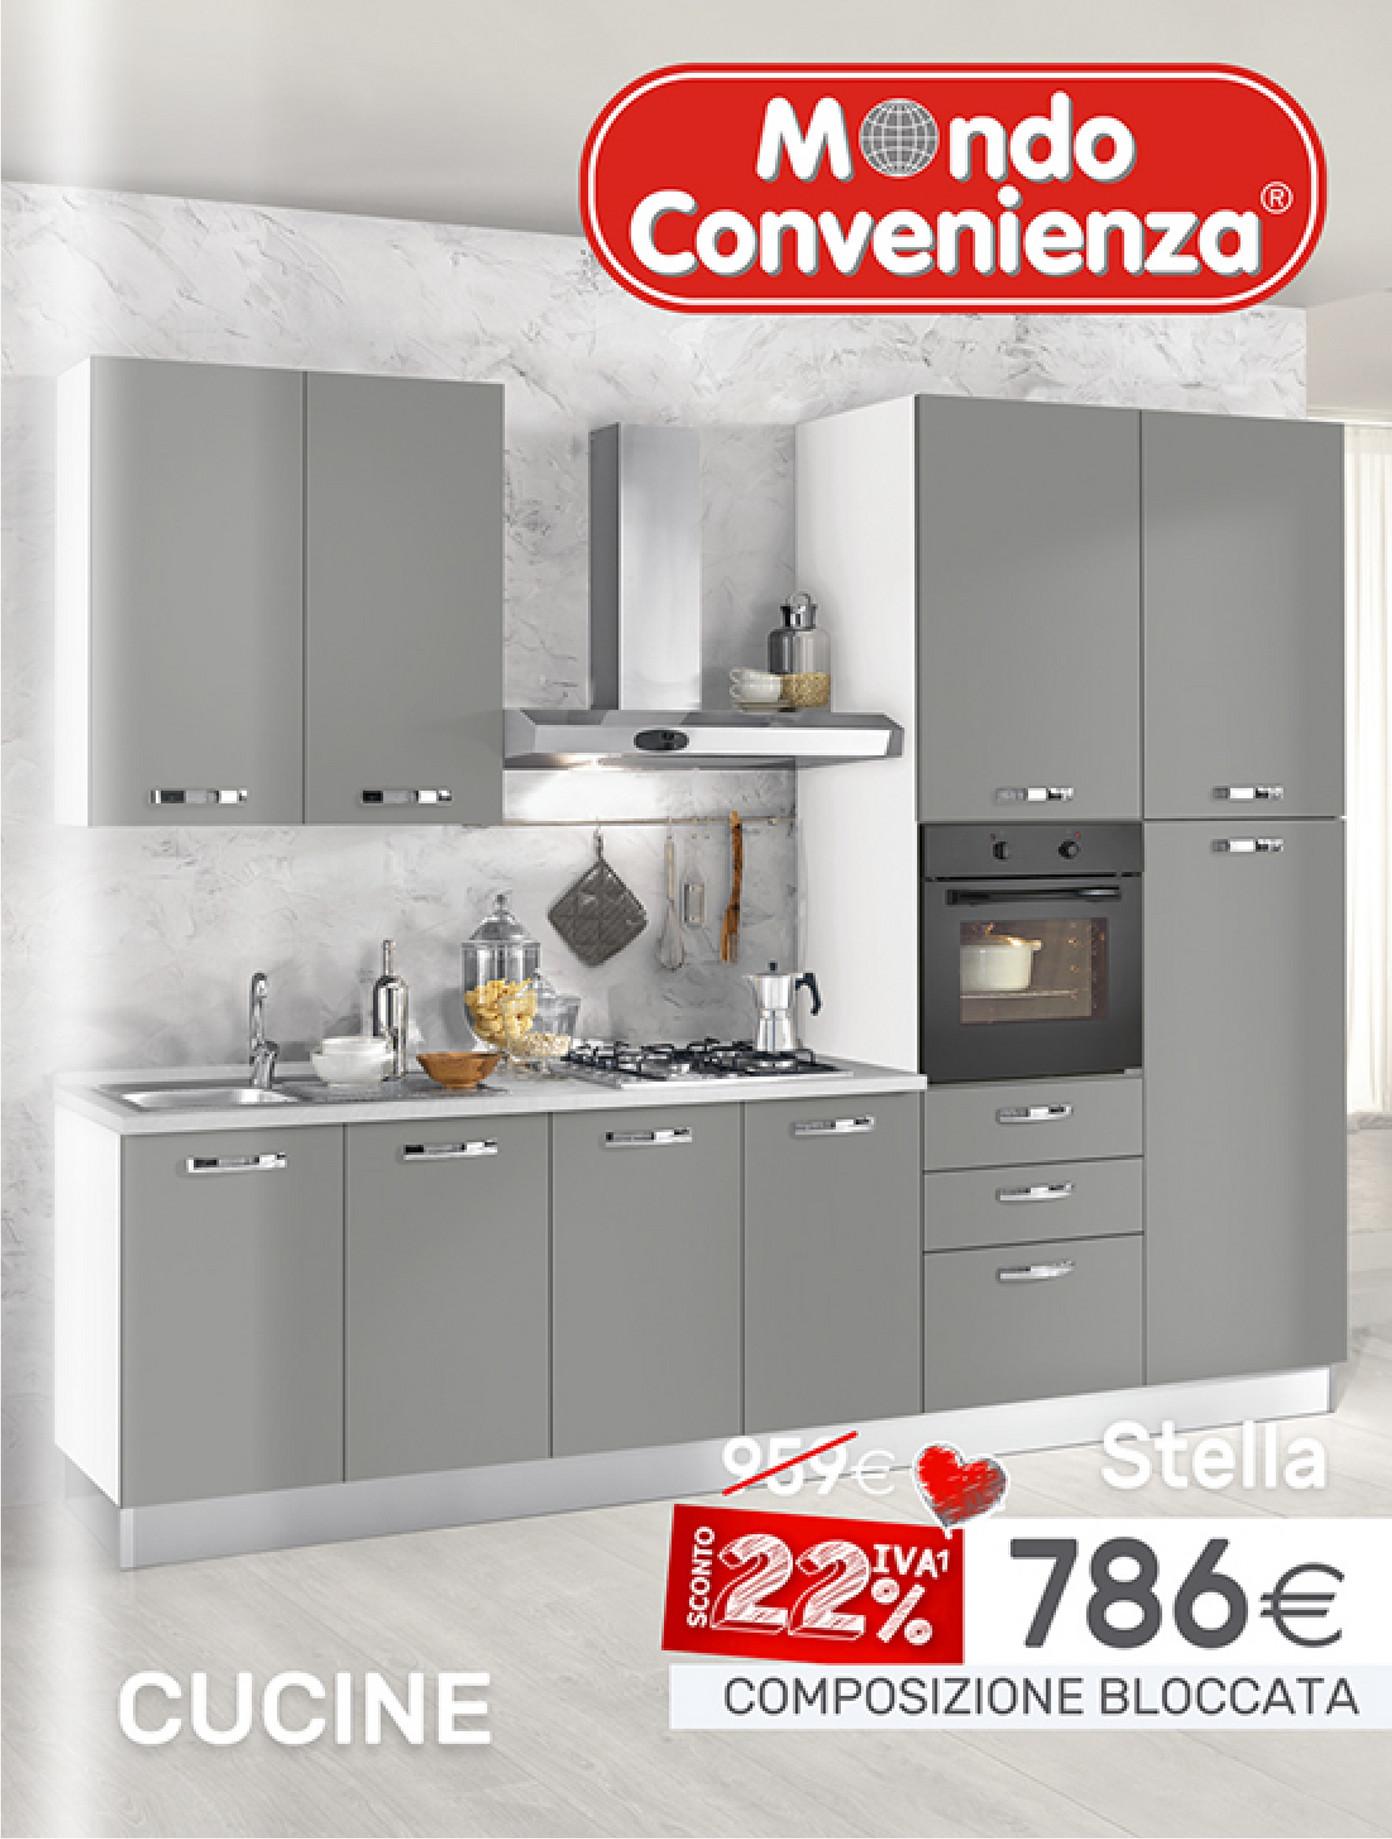 Volantinofacile catalogo mondo convenienza cucine dal 1 settembre al 30 dicembre pagina 32 33 - Cucine conforama offerte ...